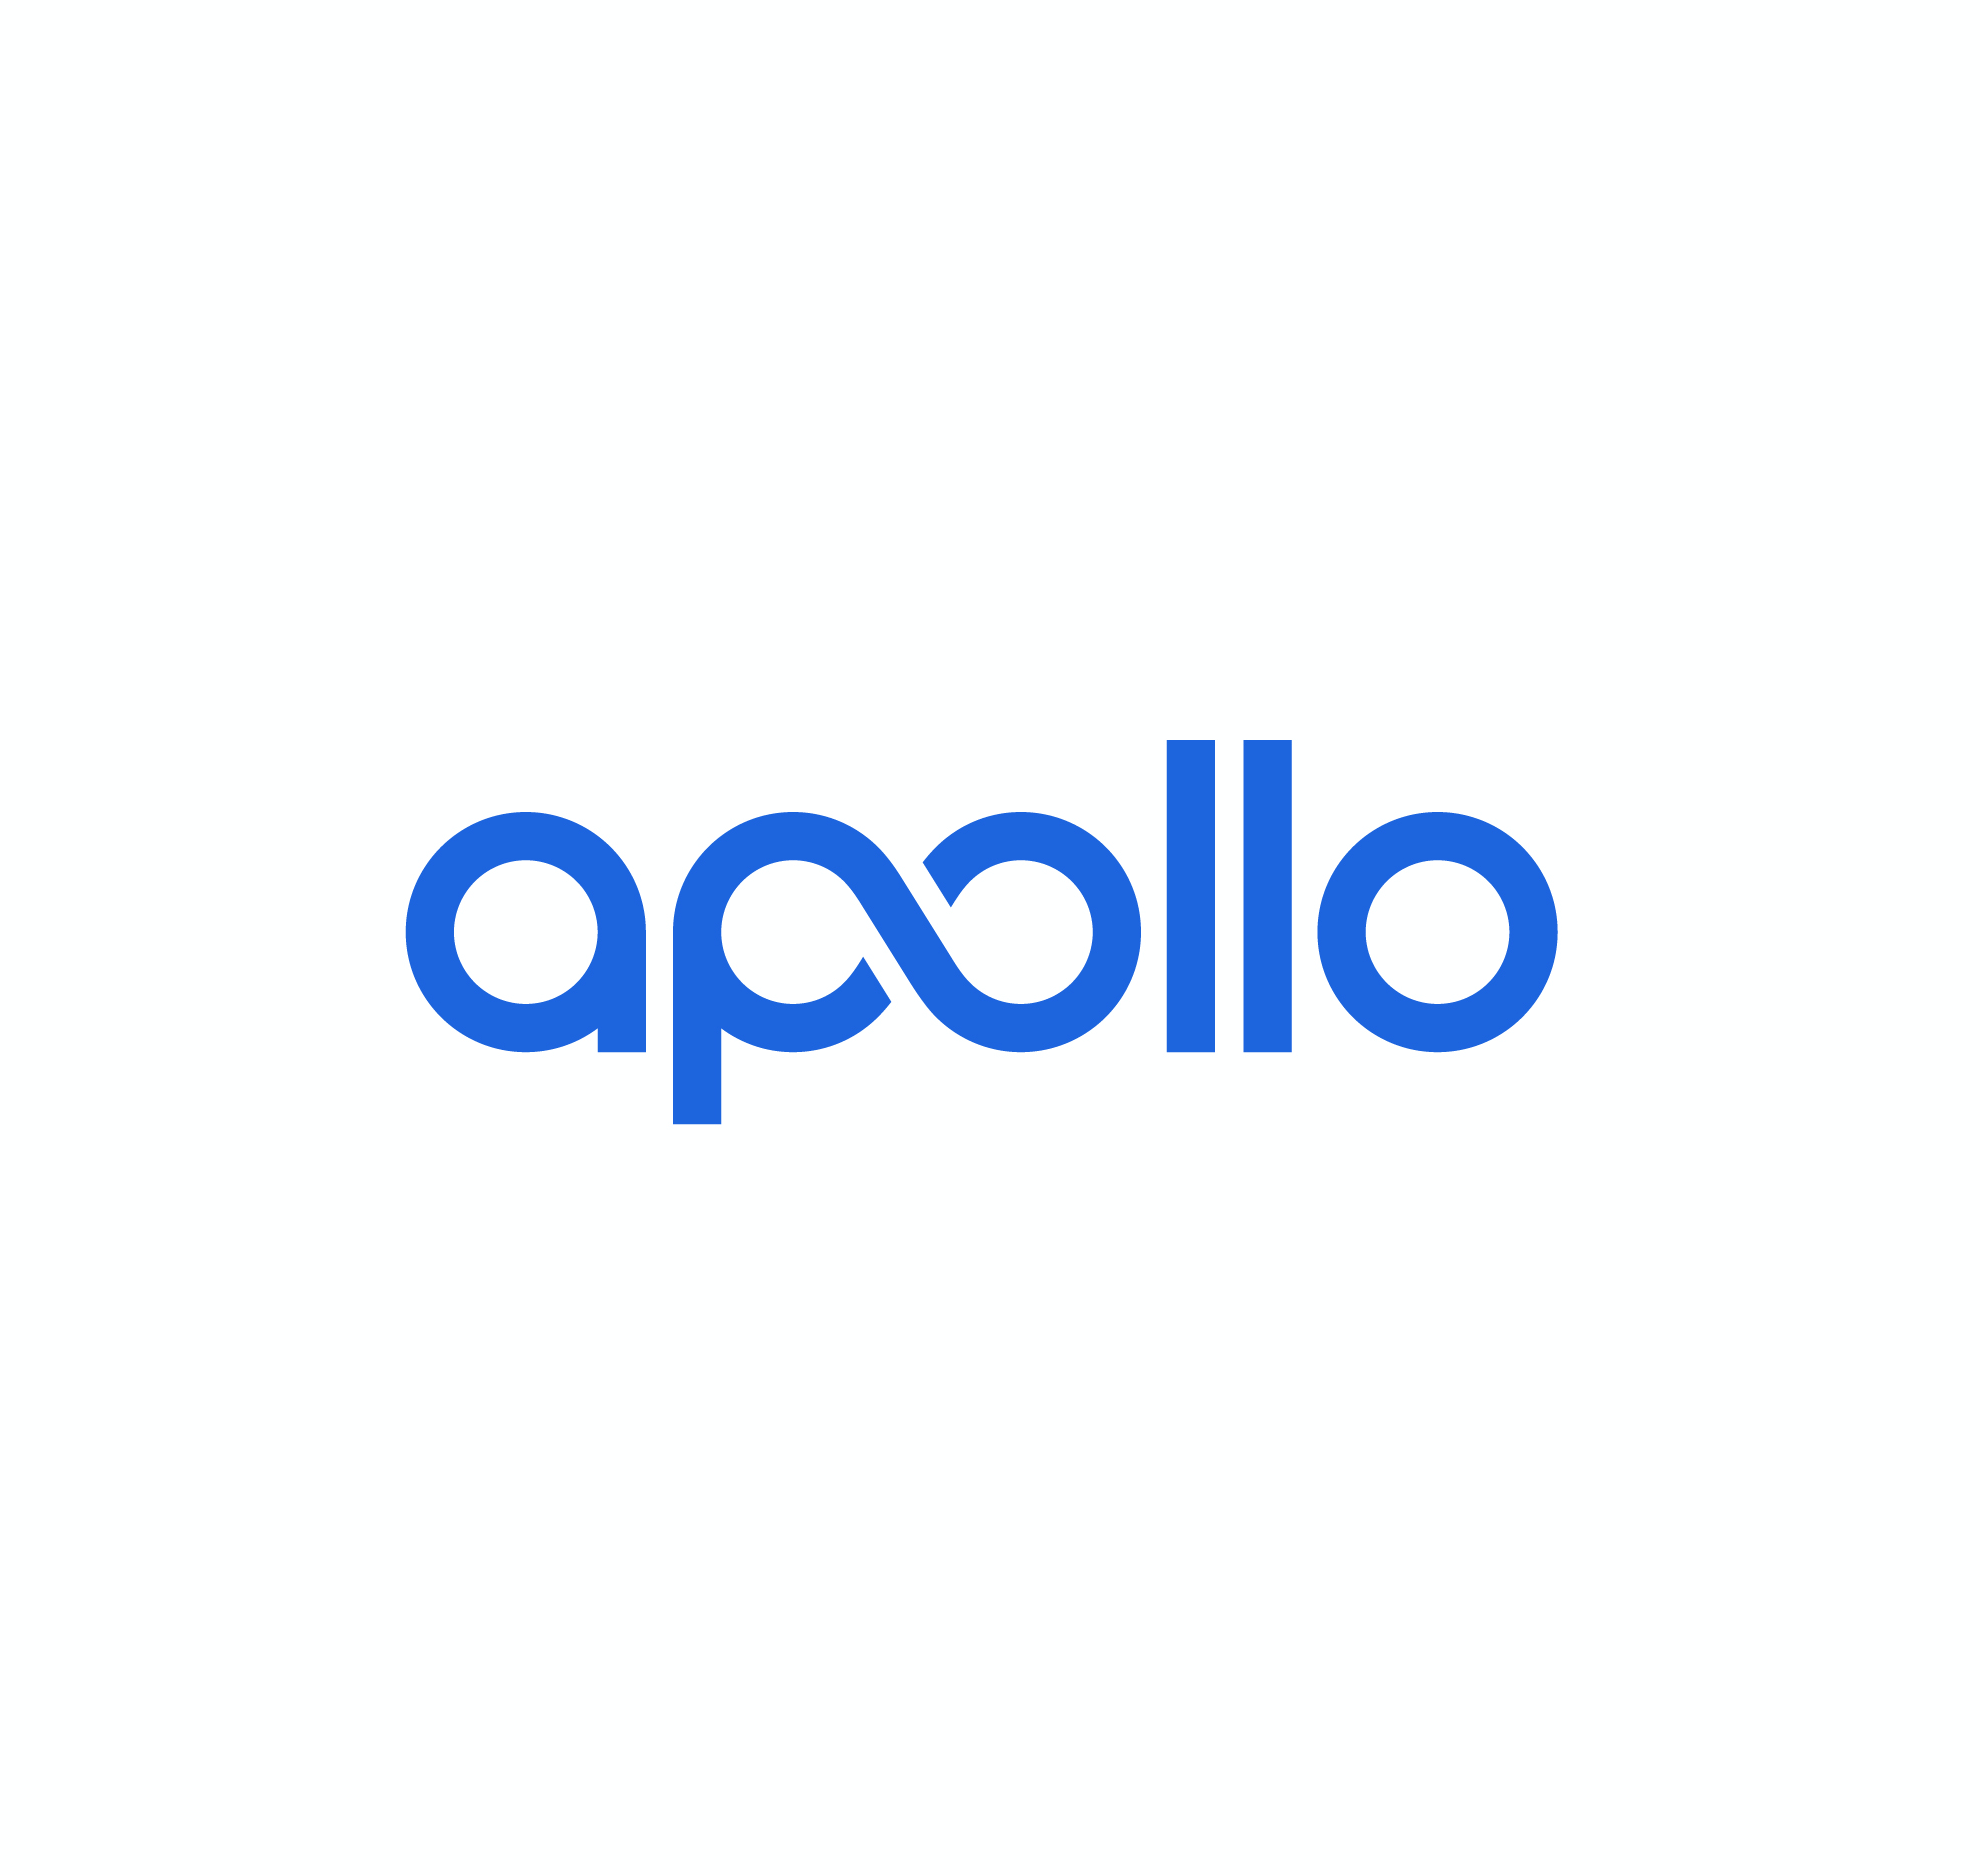 apollo-v6.0.0